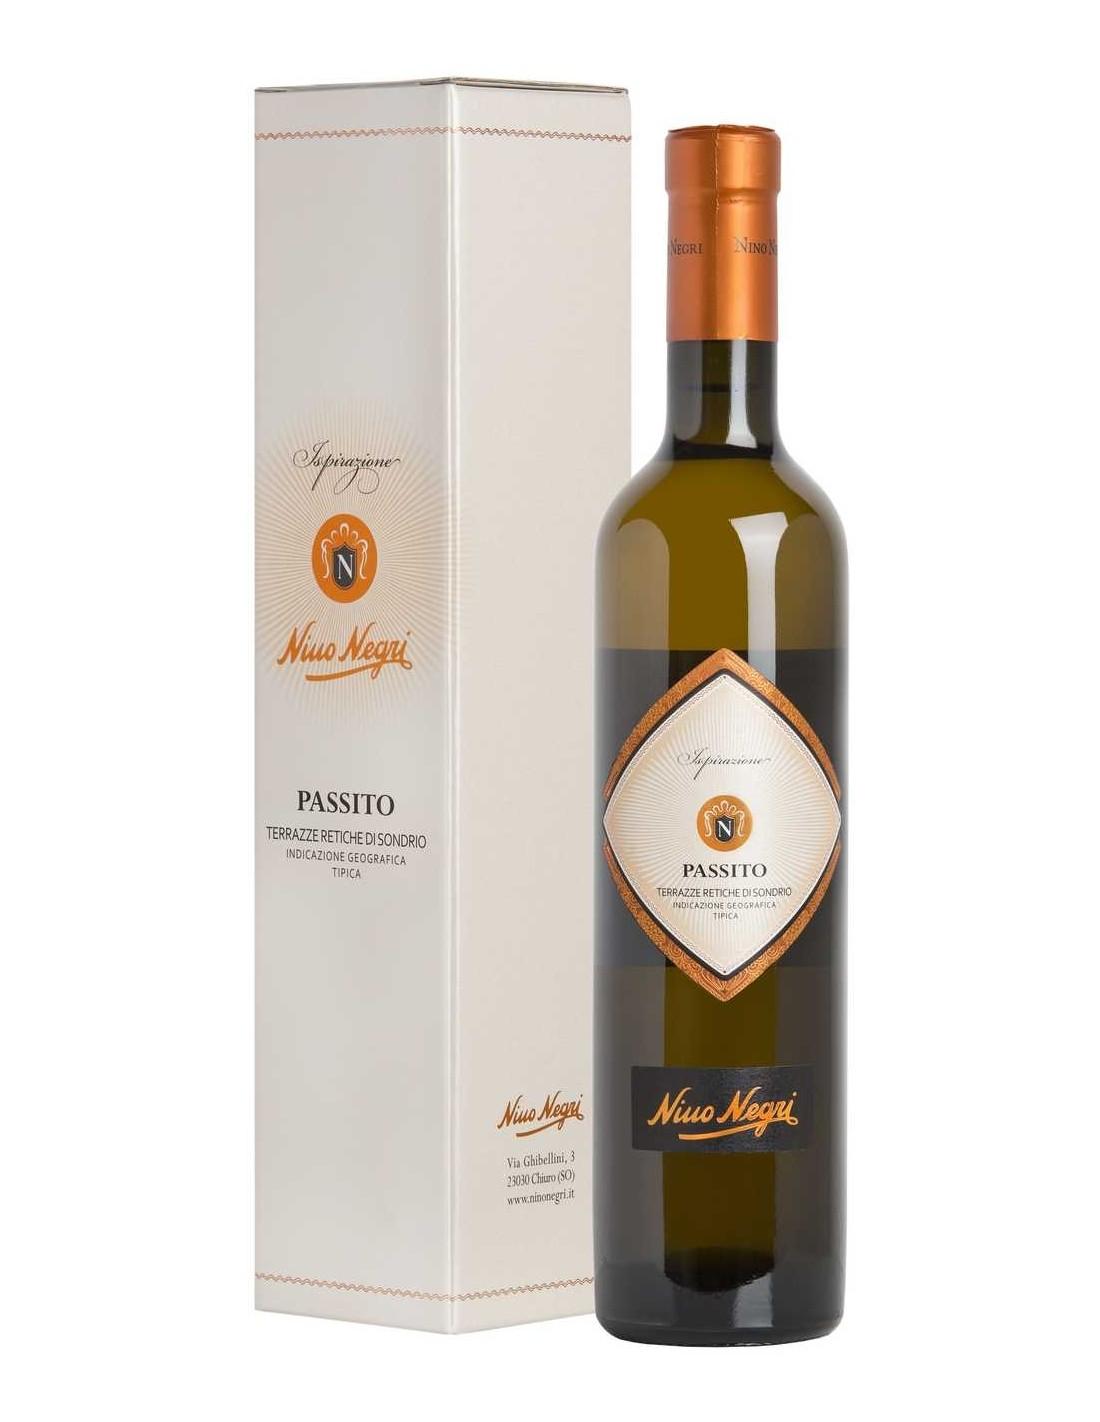 Vin alb, Nino Negri Passito Alpi Retiche, 12.5% alc., 0.5L, Italia